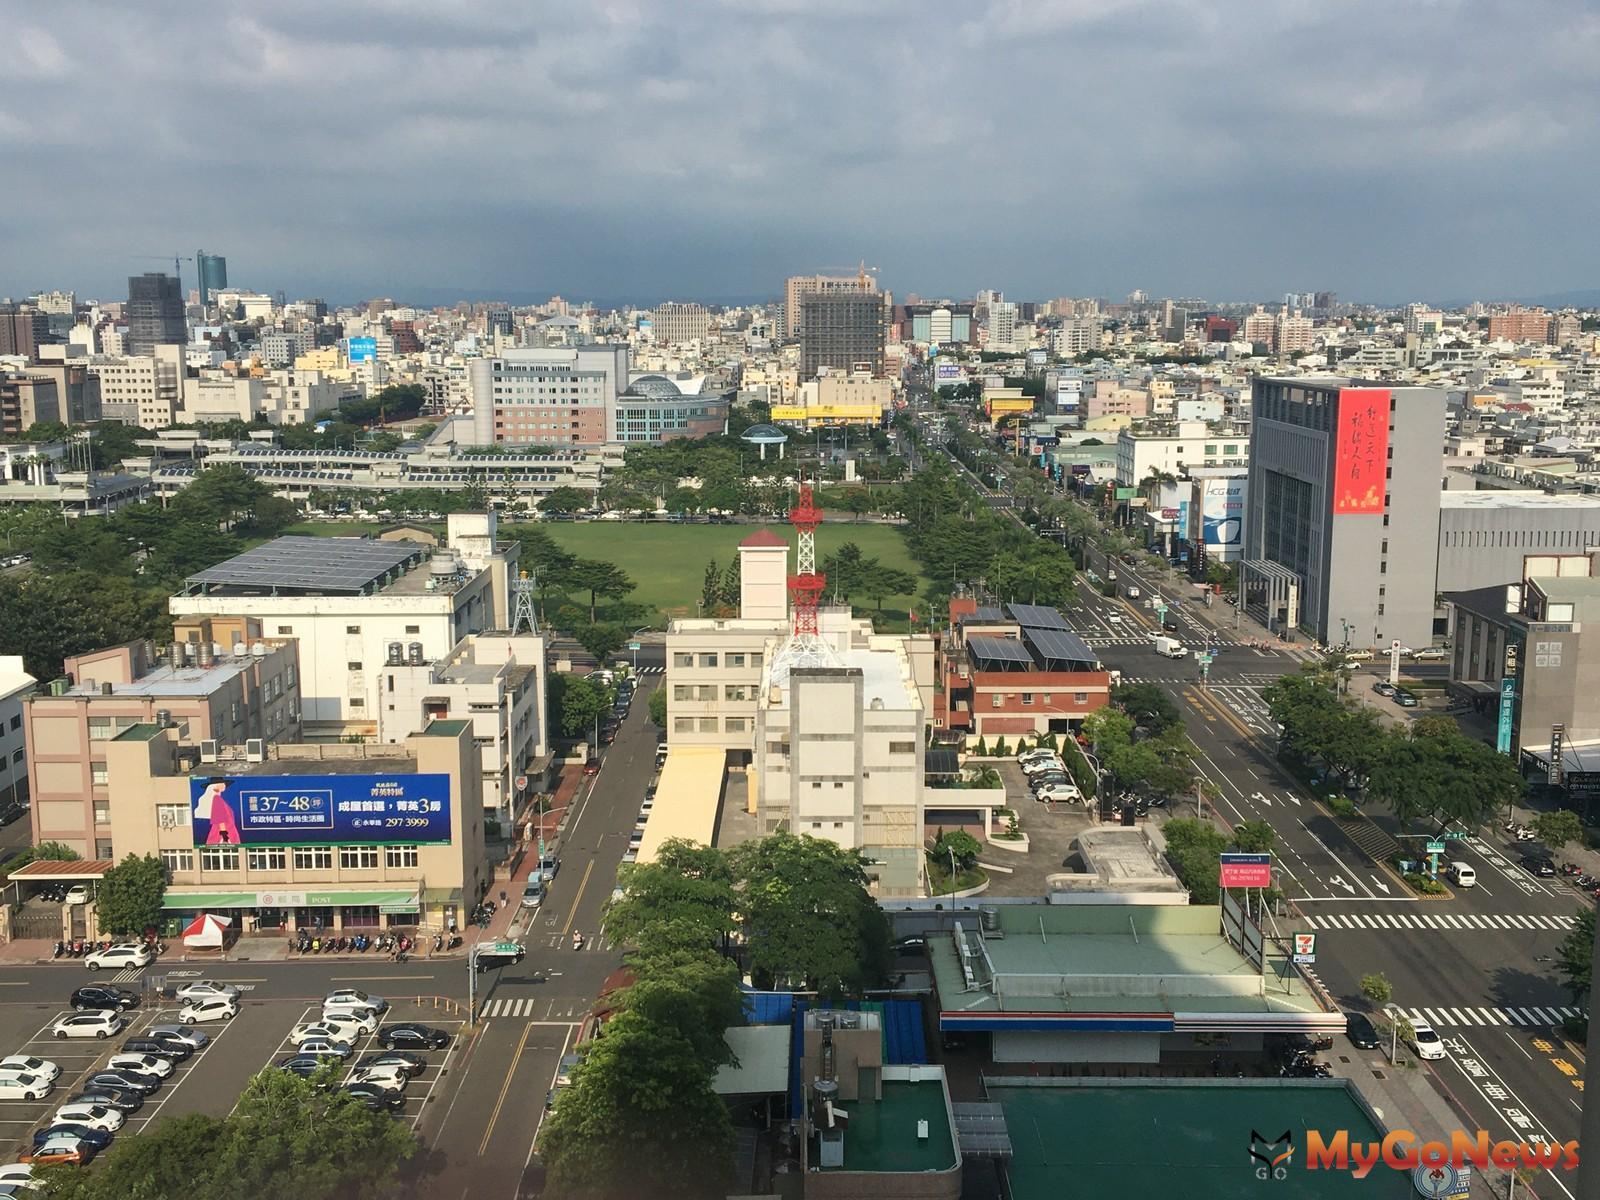 建物買賣移轉單位面積,台南最大、台北大縮水而且還最小(圖/中信房屋) MyGoNews房地產新聞 趨勢報導